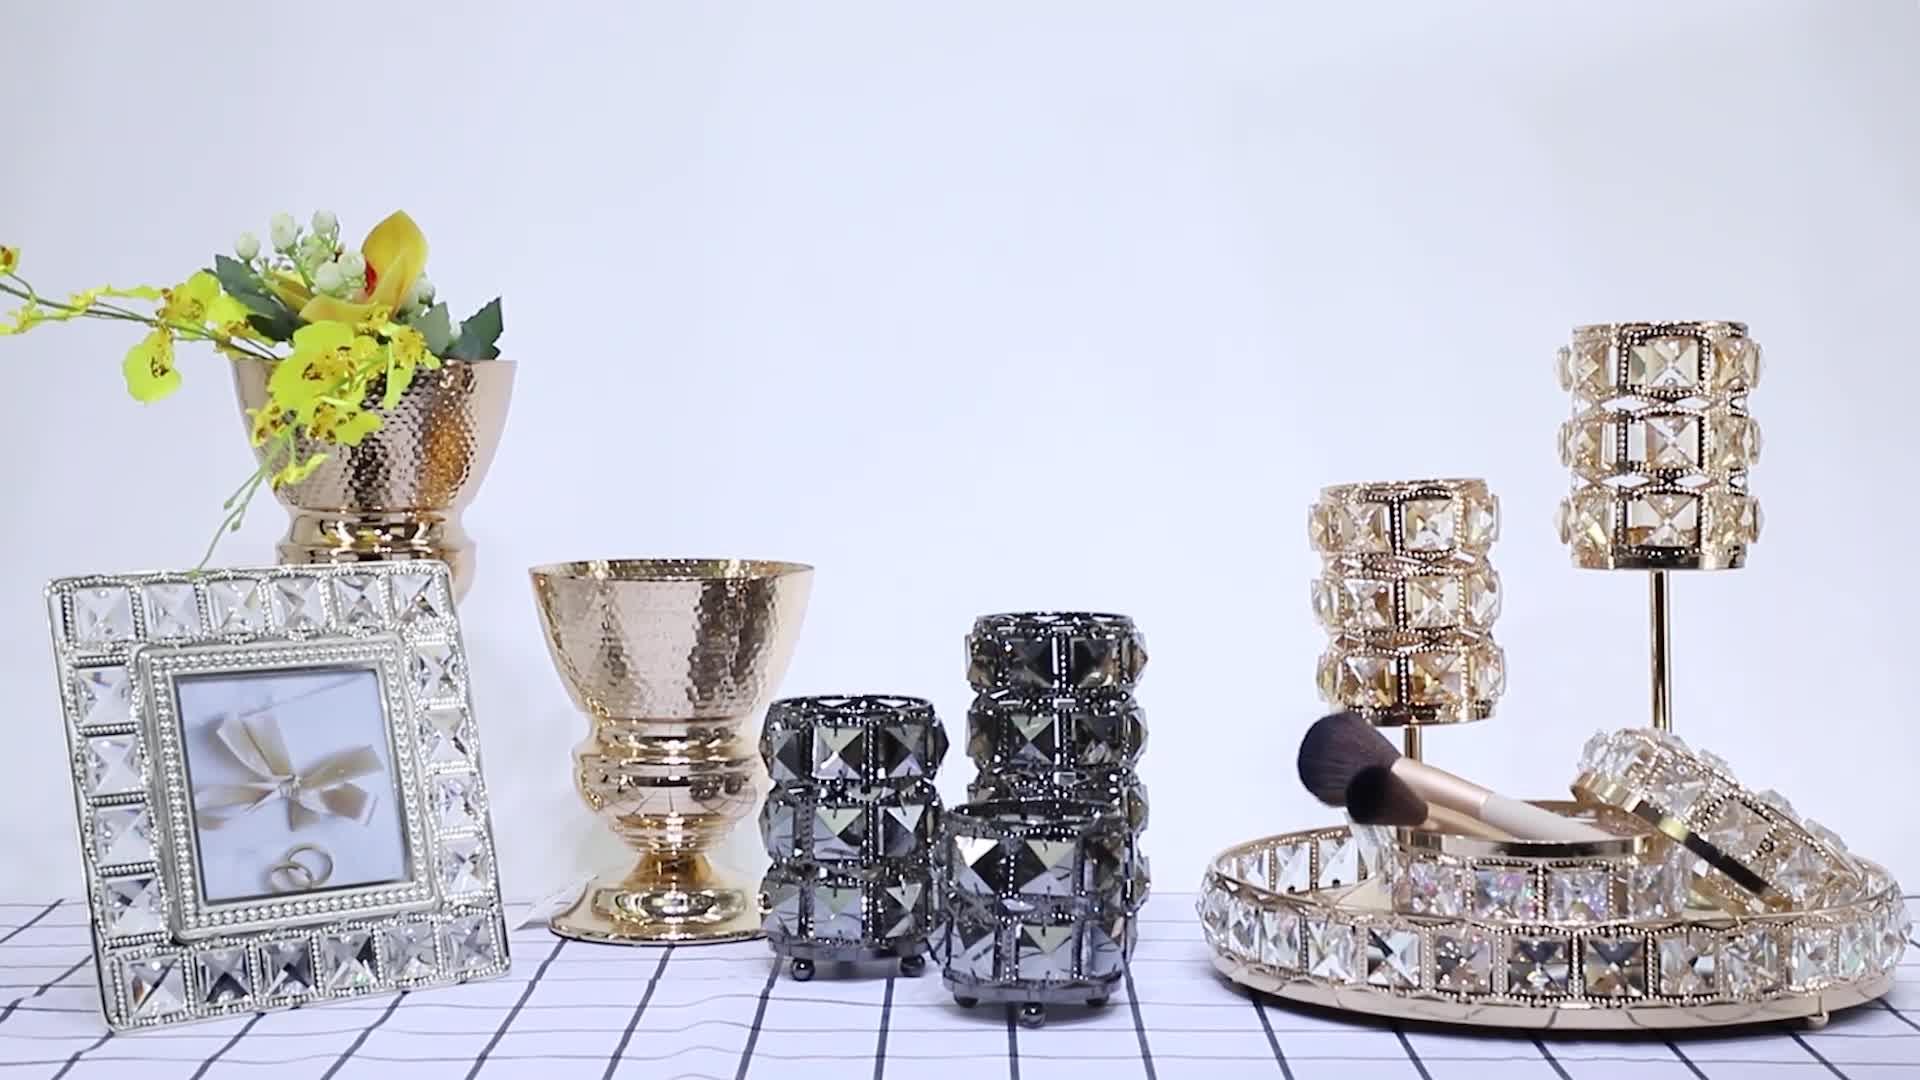 Organizador de maquiagem de Chocolate Pulseira De Metal Trinket Caixas Do Favor Do Casamento Para Doces Favores Para Meninas